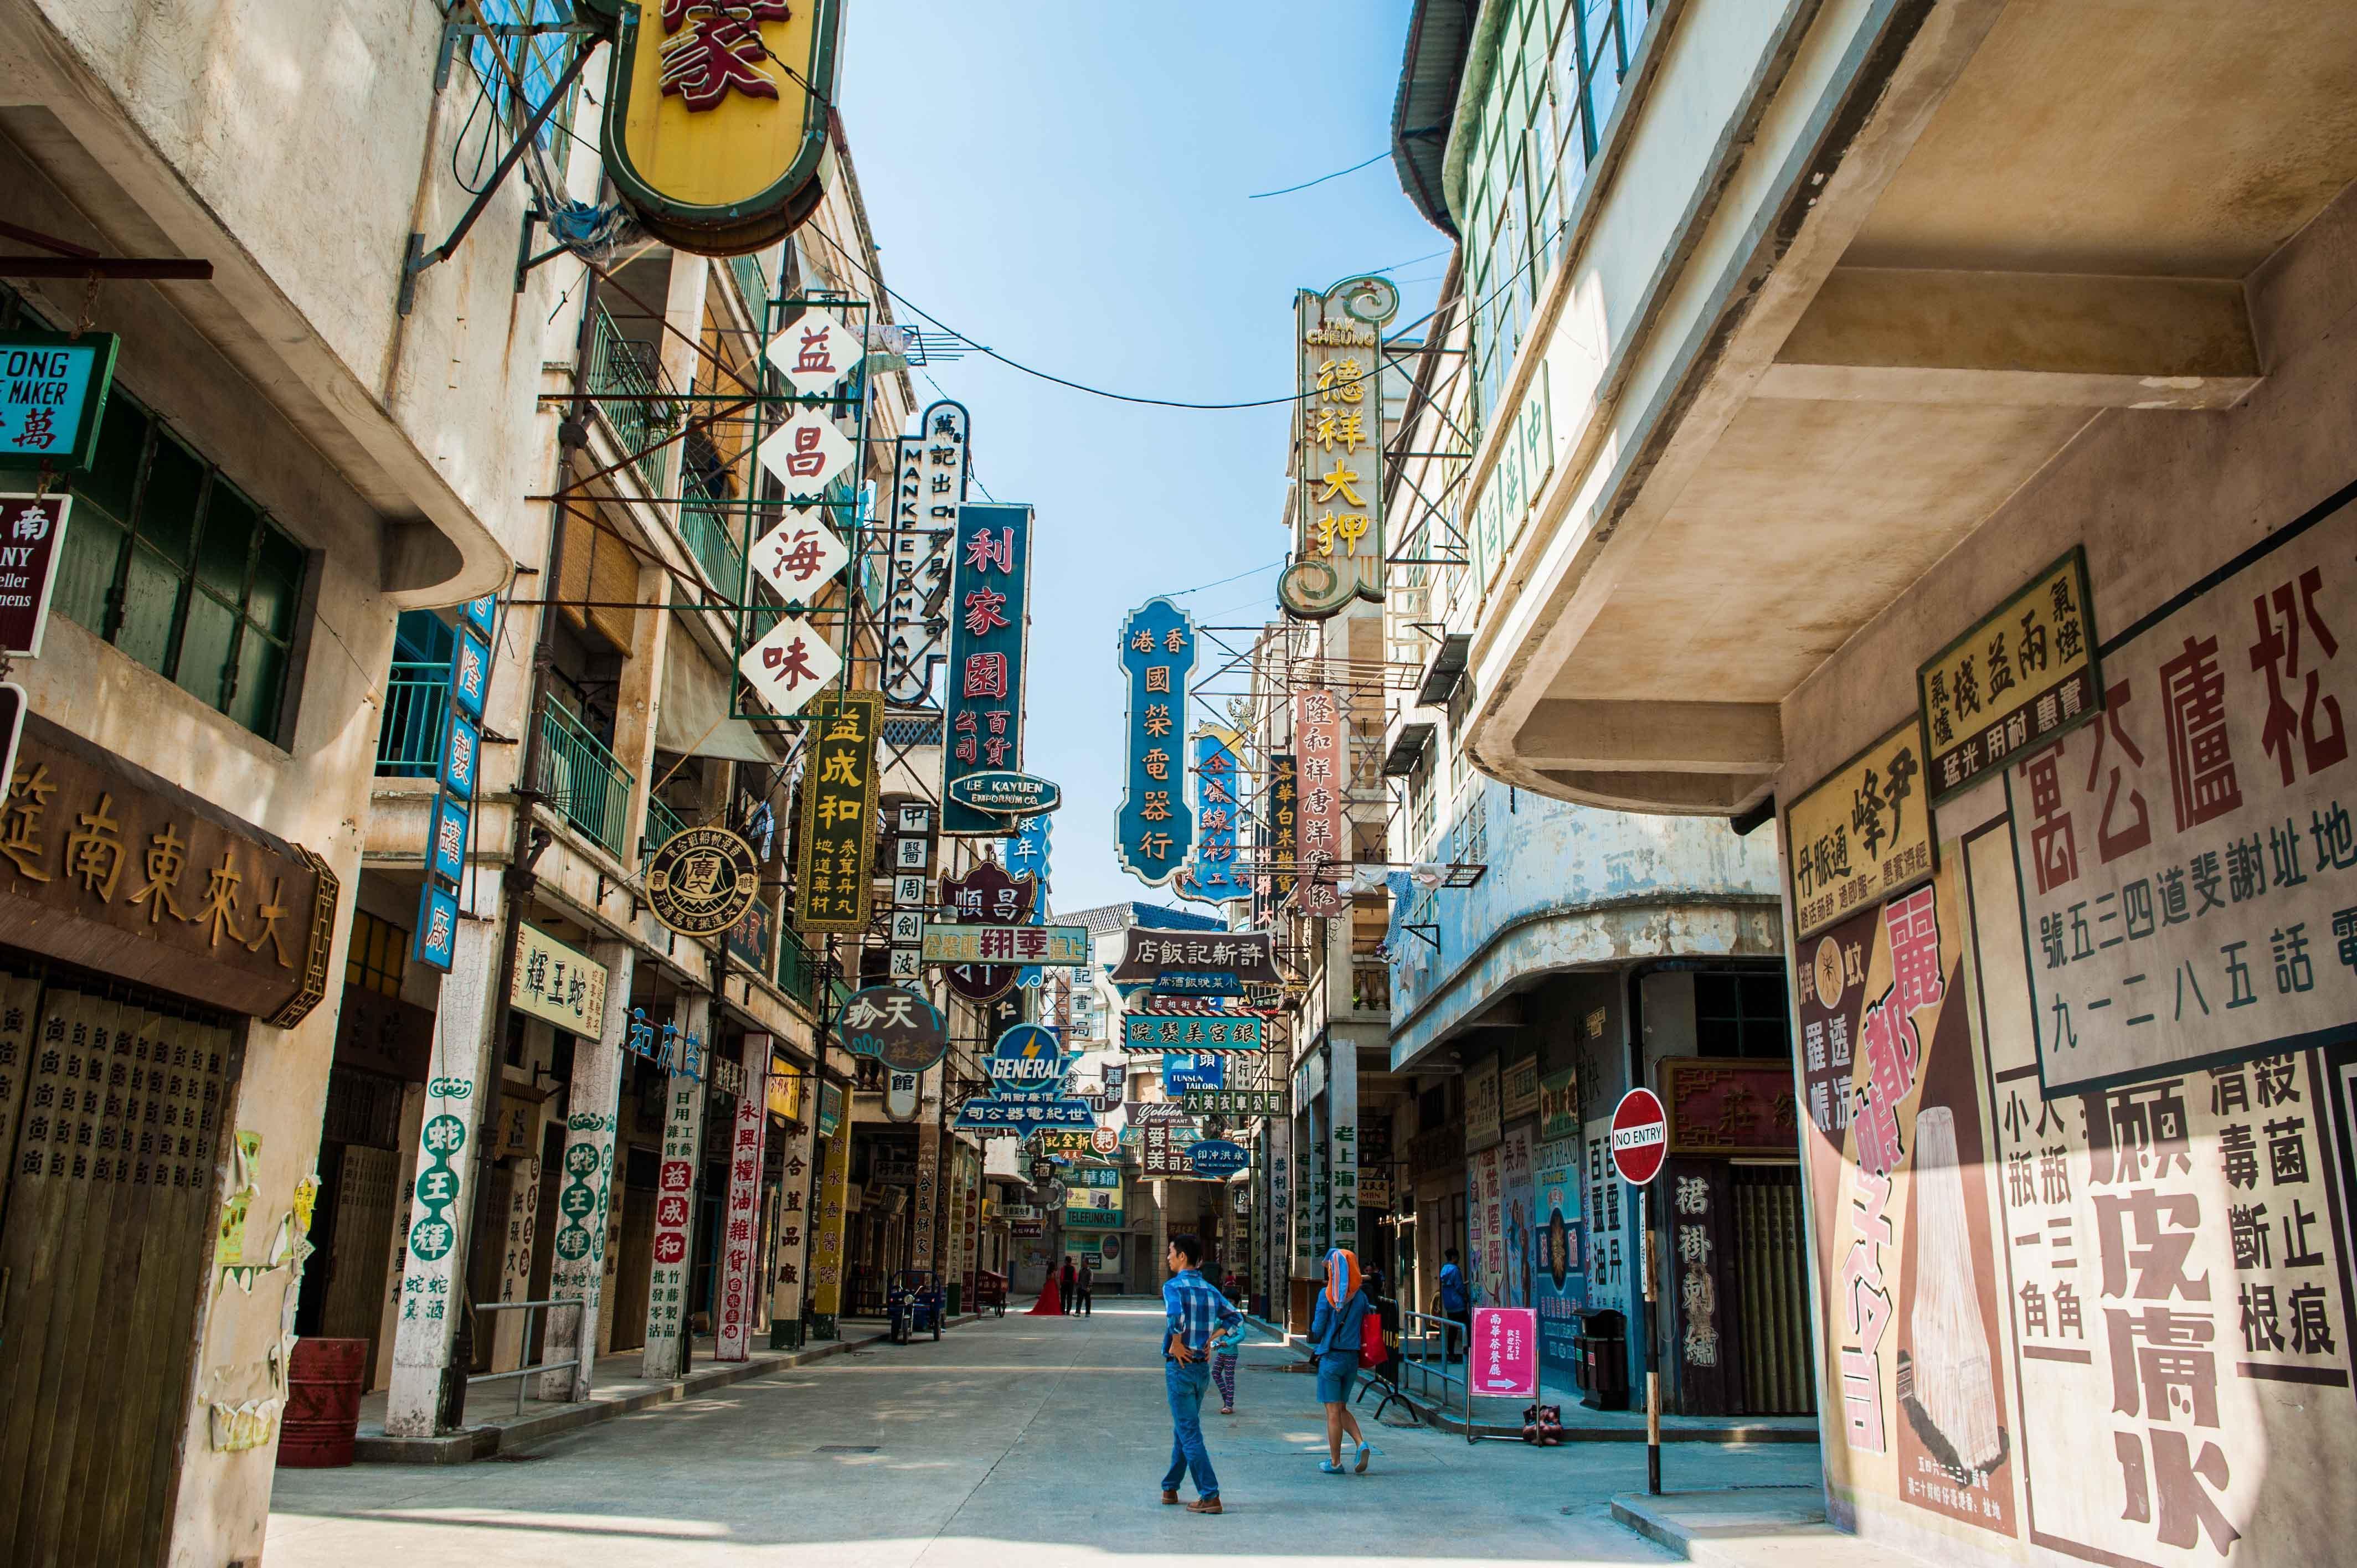 """香港九龙城寨图_广东居然还藏着一个""""小香港"""",趁着游客还不多快去打卡拍照 ..."""